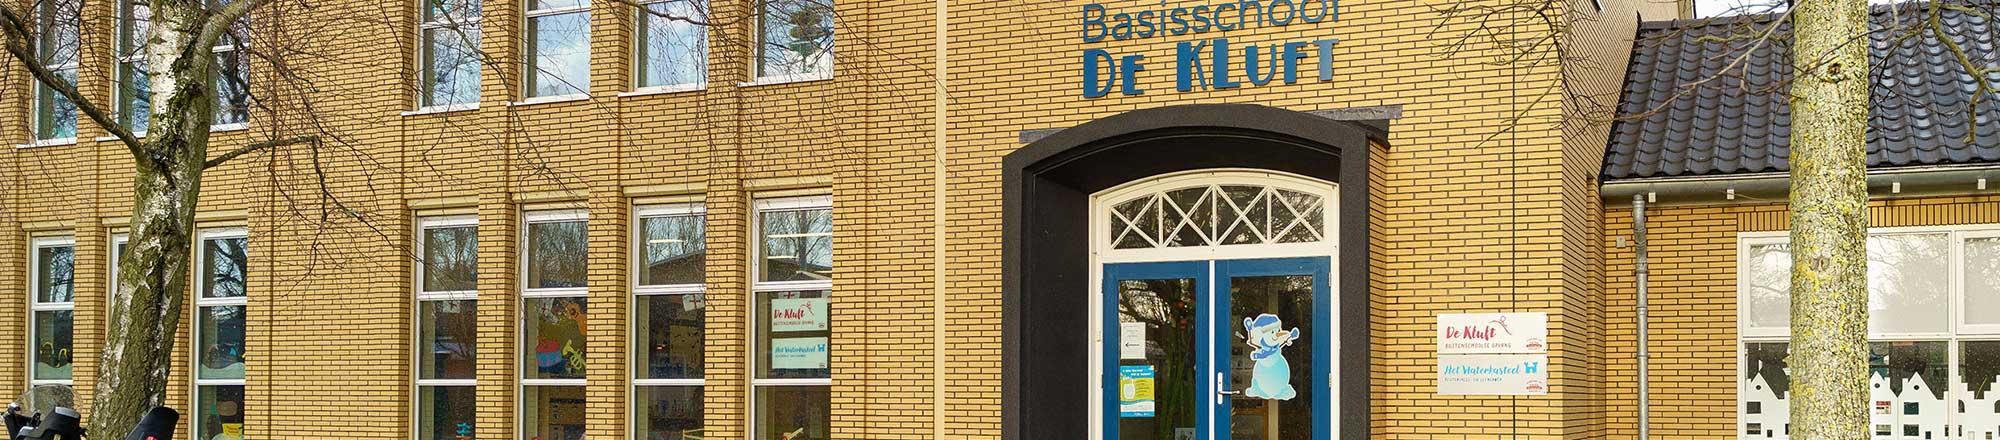 BSO de Kluft gebouw basisschool De Kluft